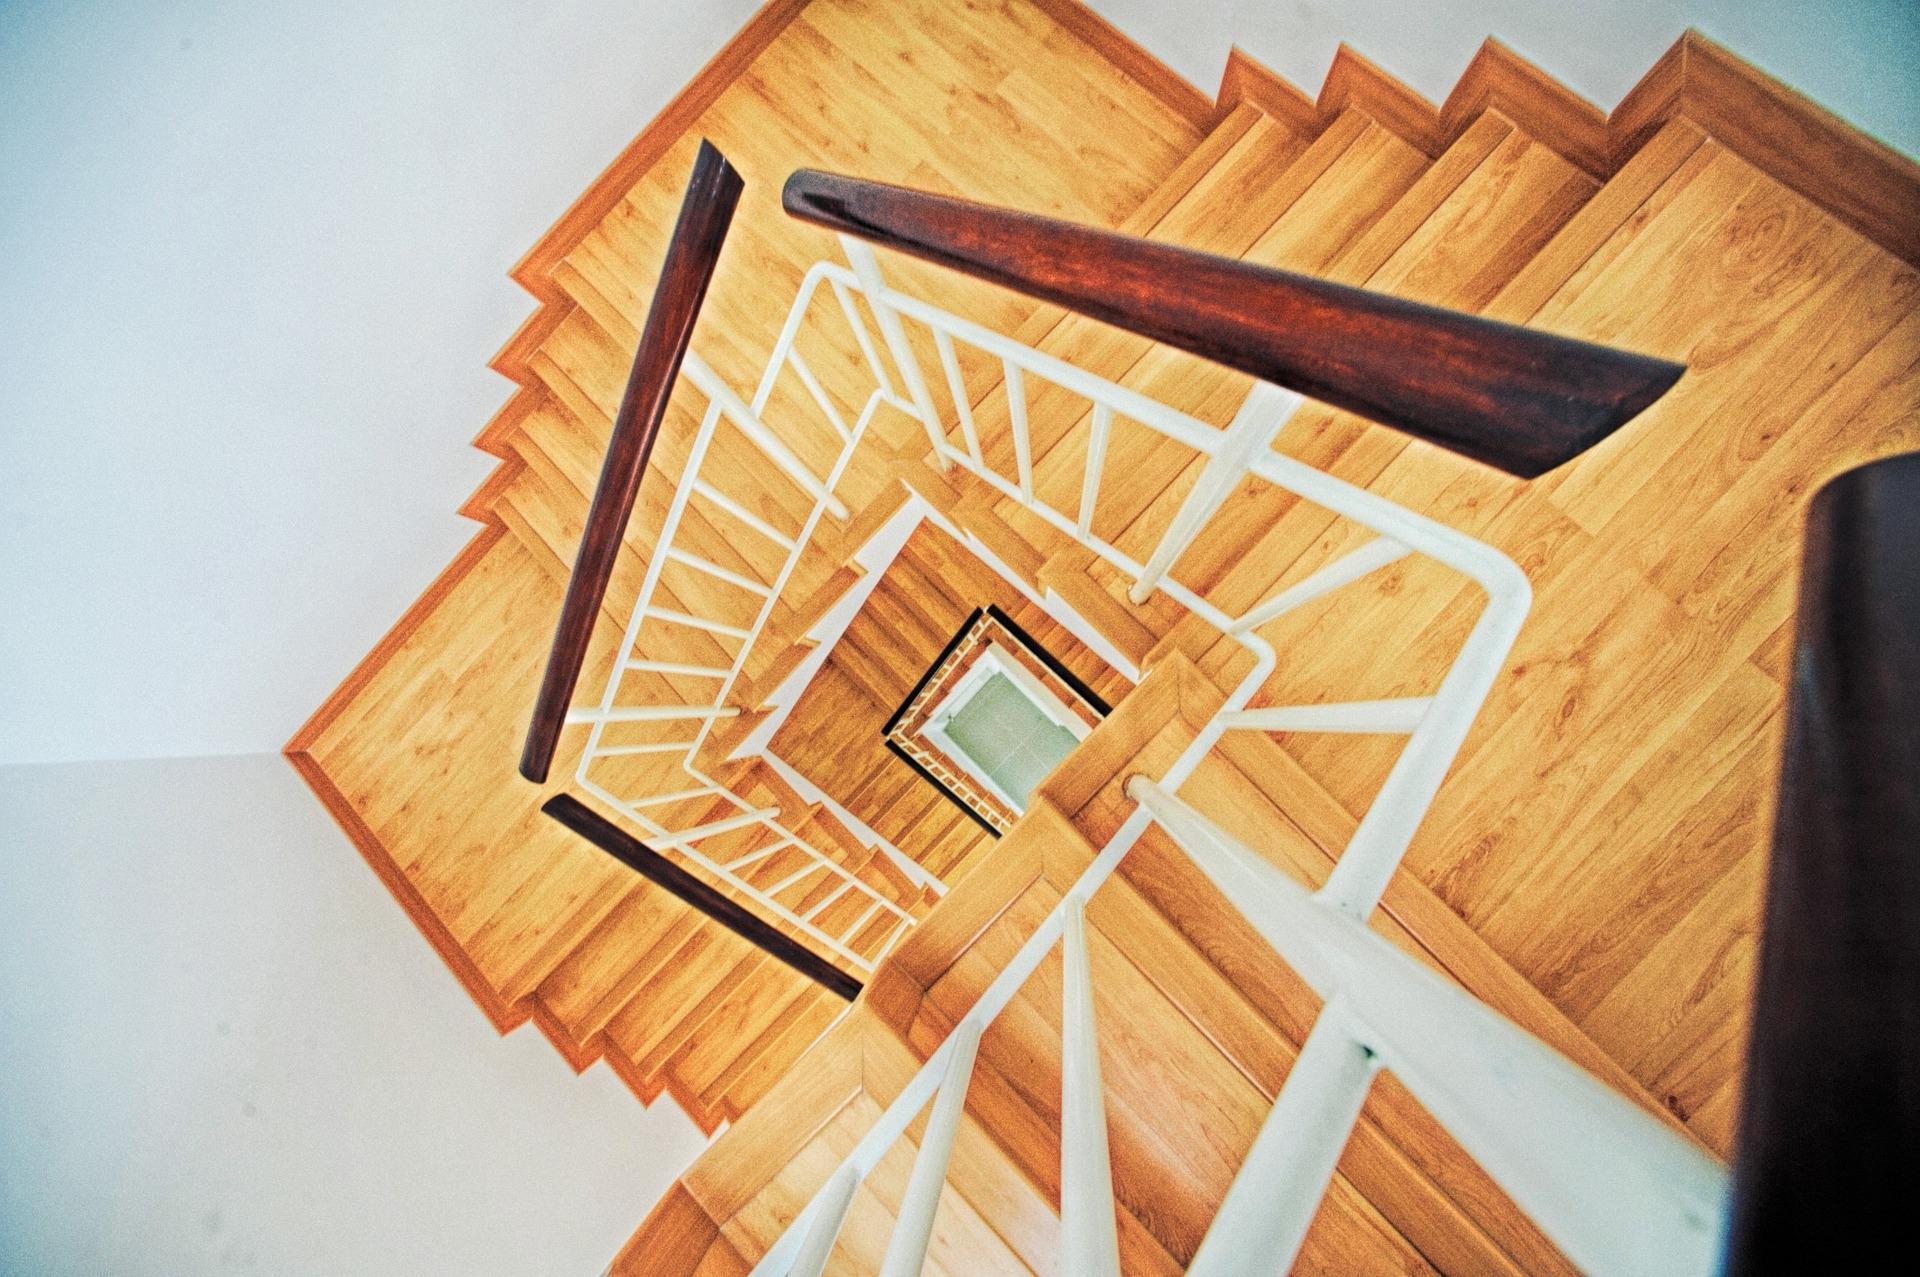 Dusza schodów